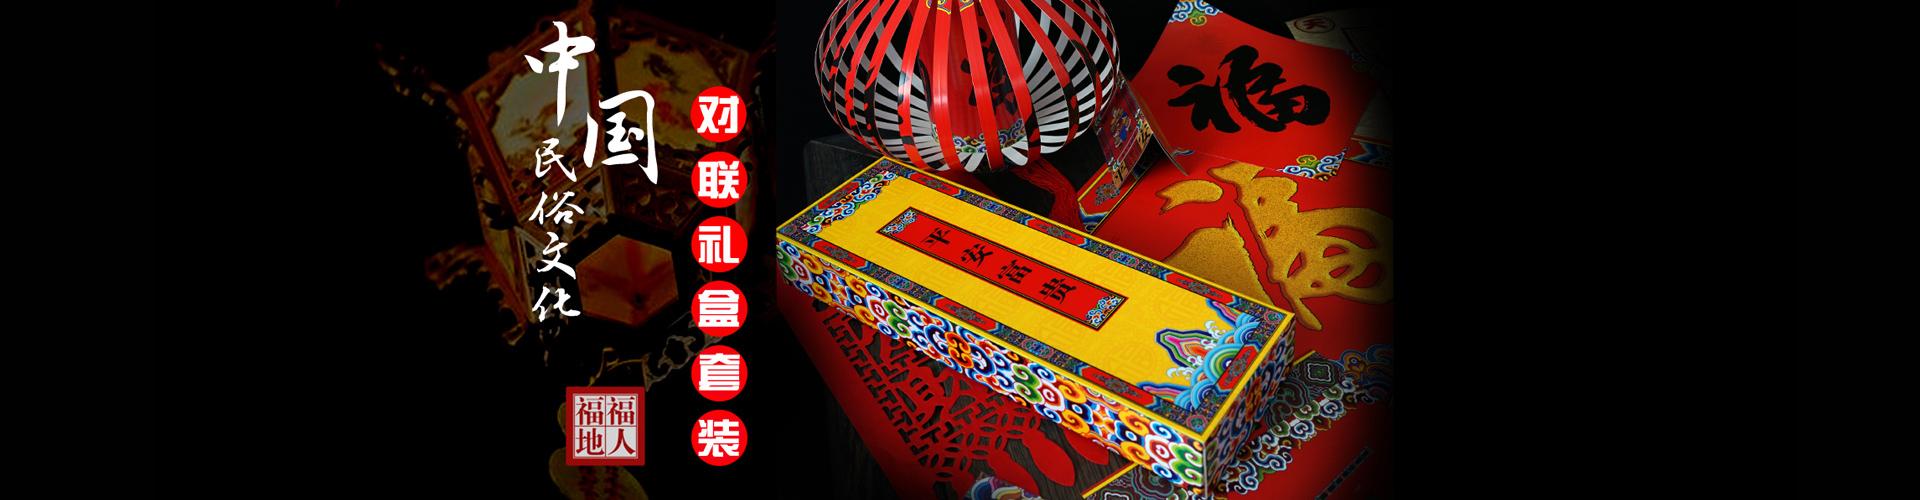 北京福人福地文化发展有限公司